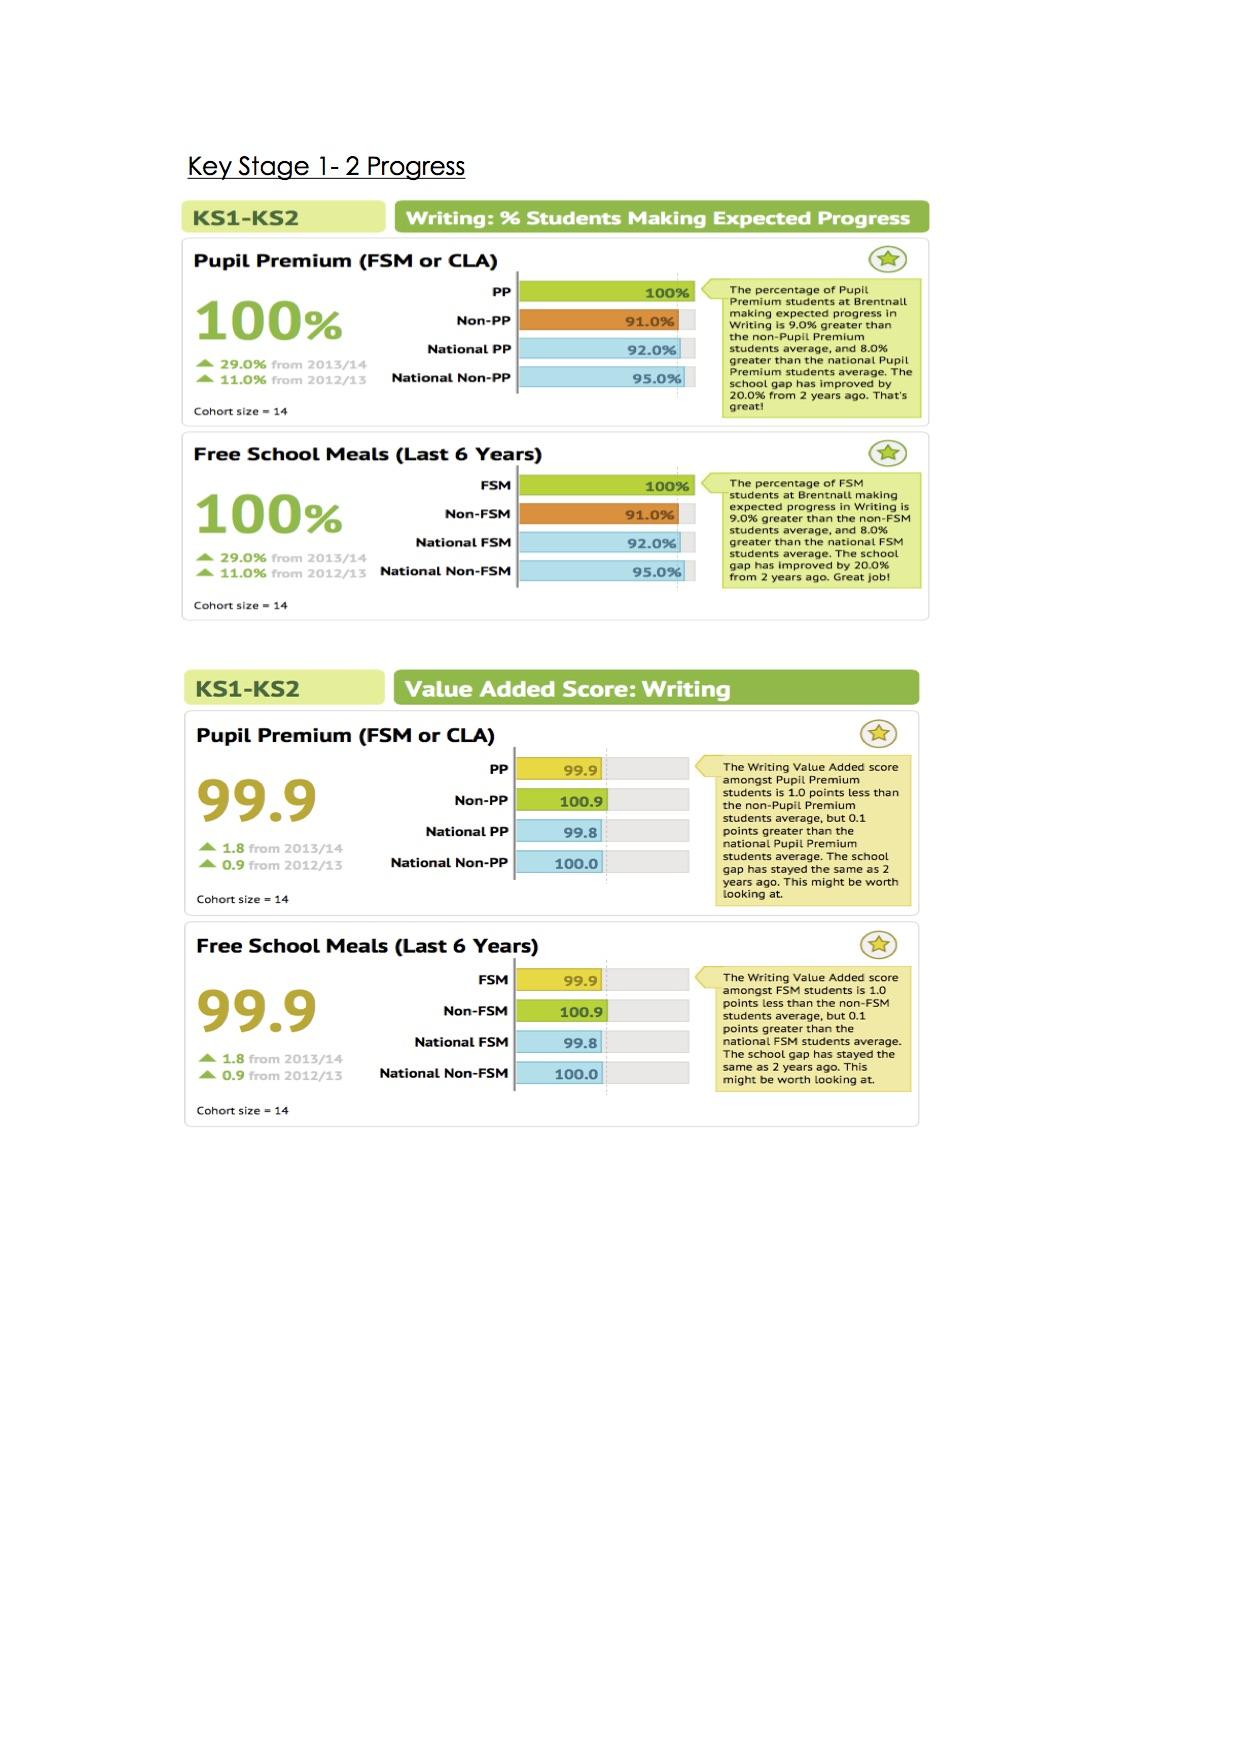 impact-of-our-pupil-premium-spend-2014-20151-ks1-2-progress